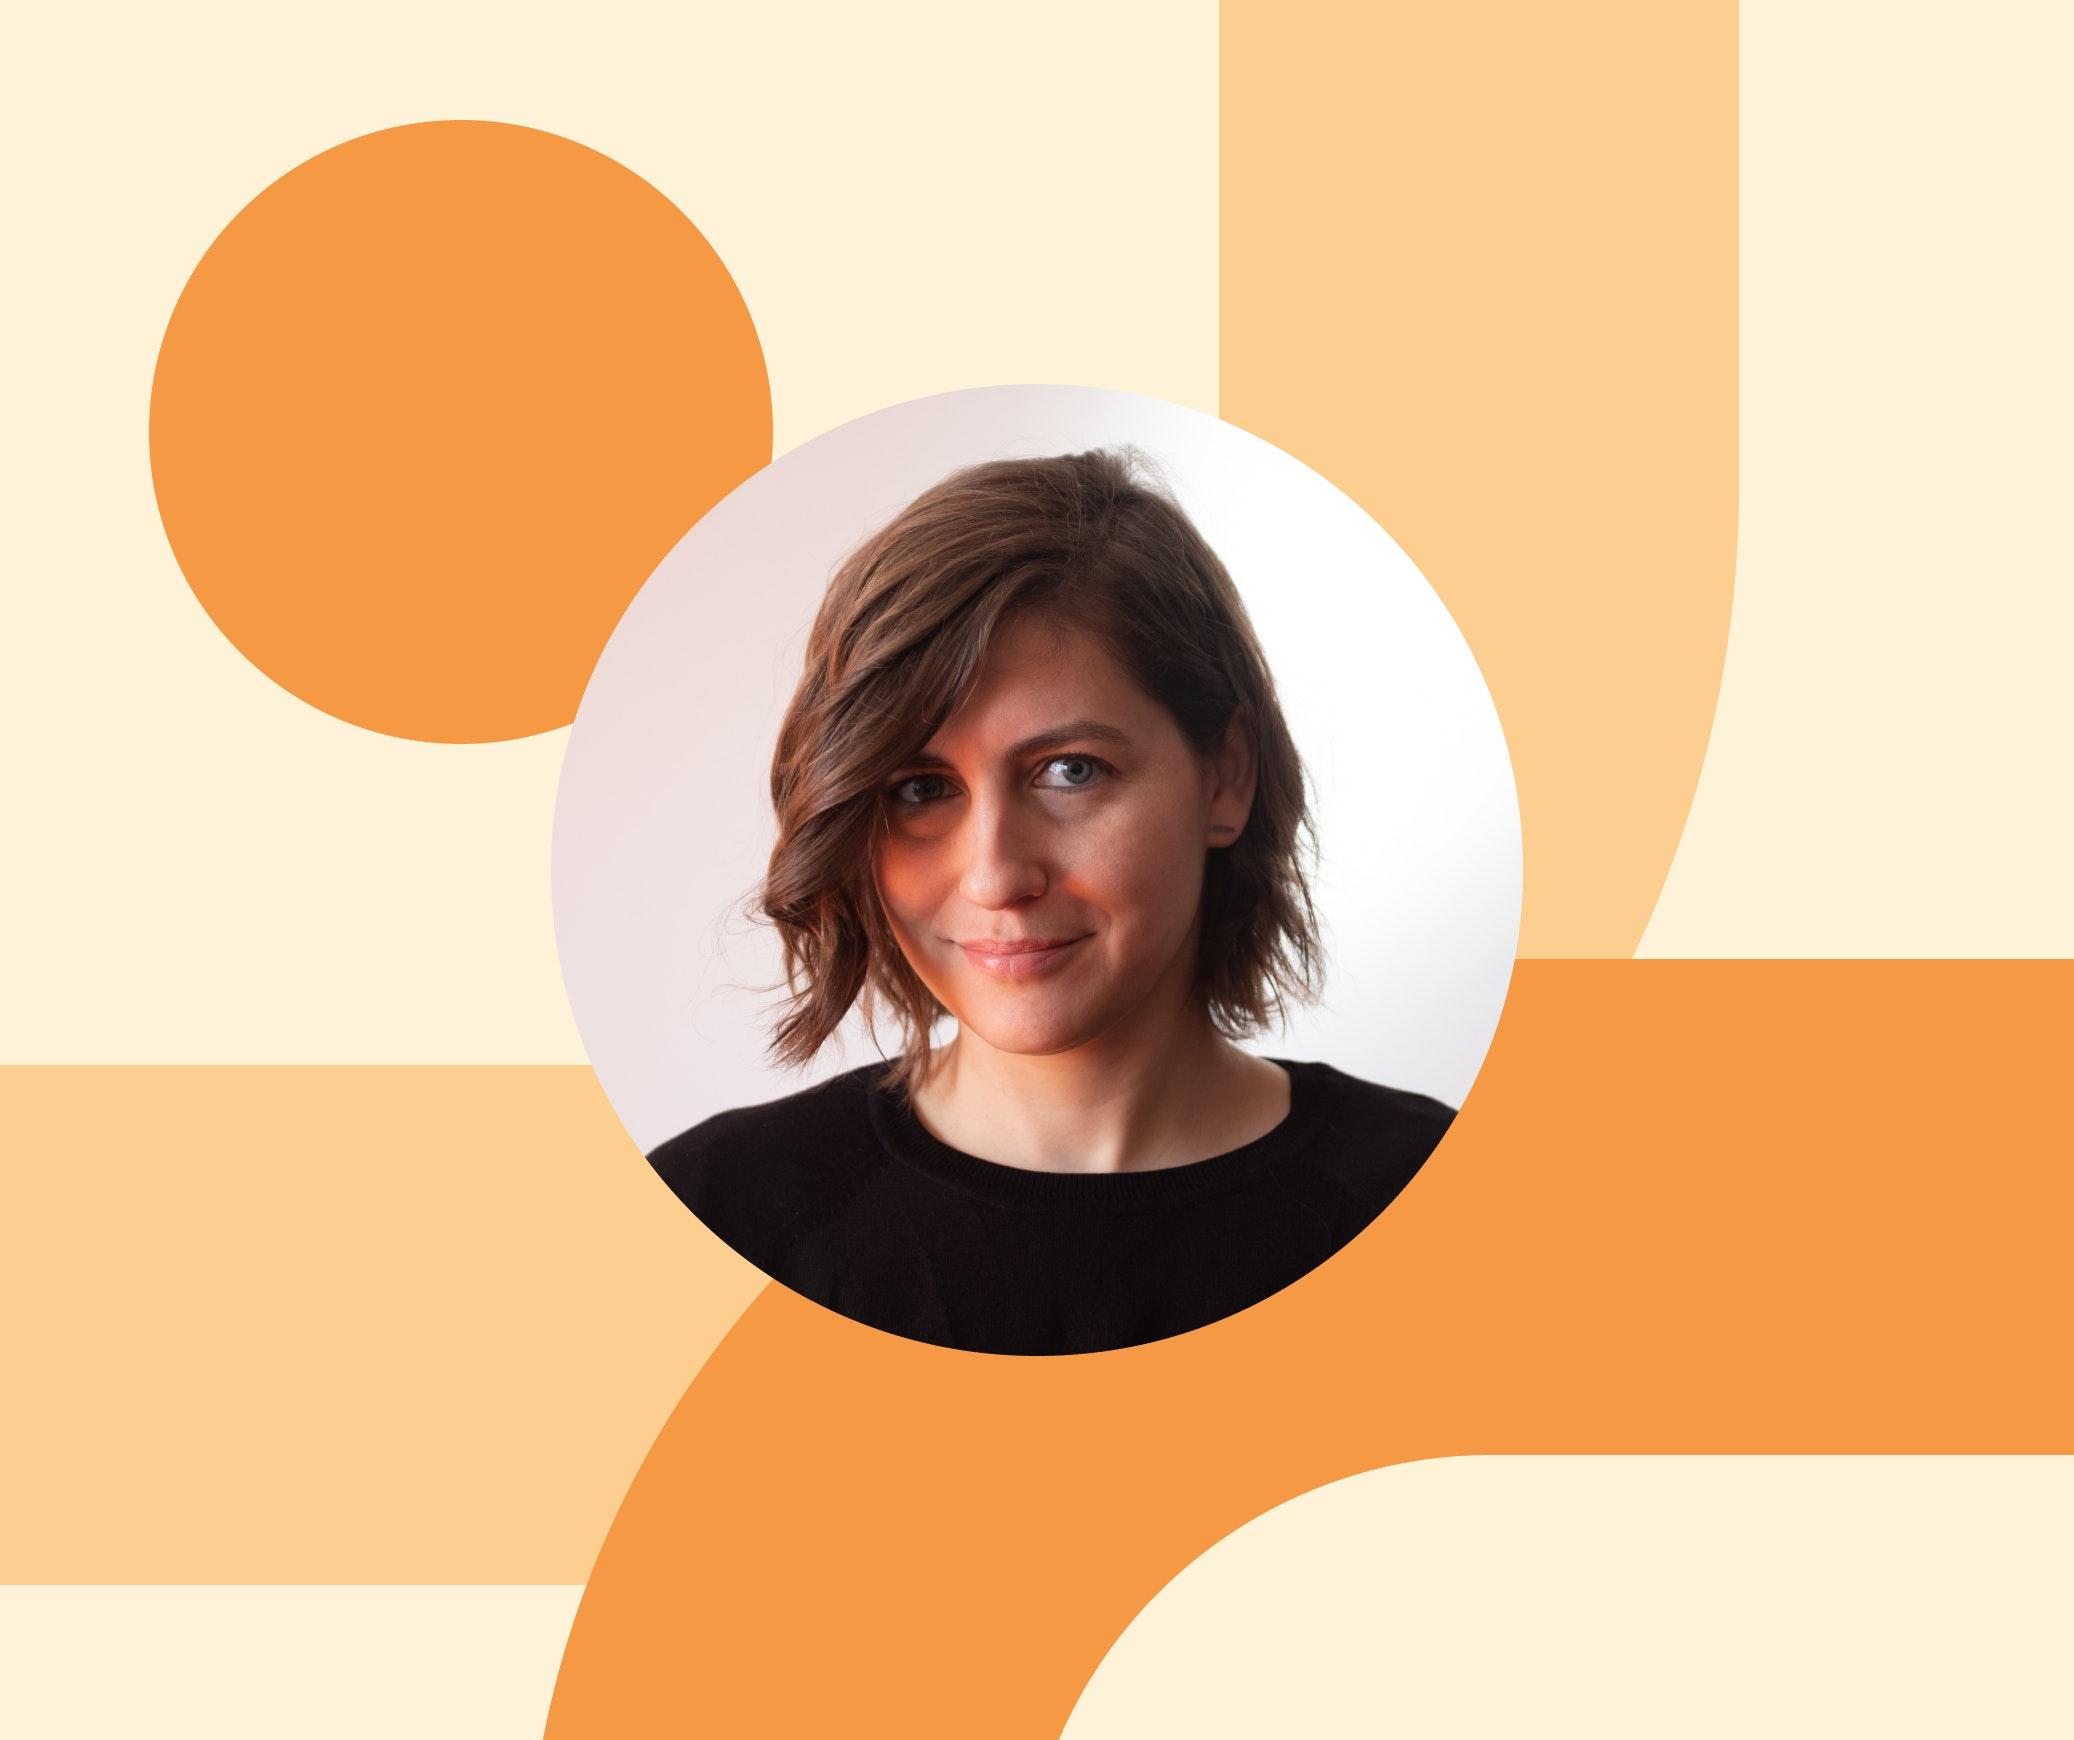 Ana-Ferreira-interview-thumbnail